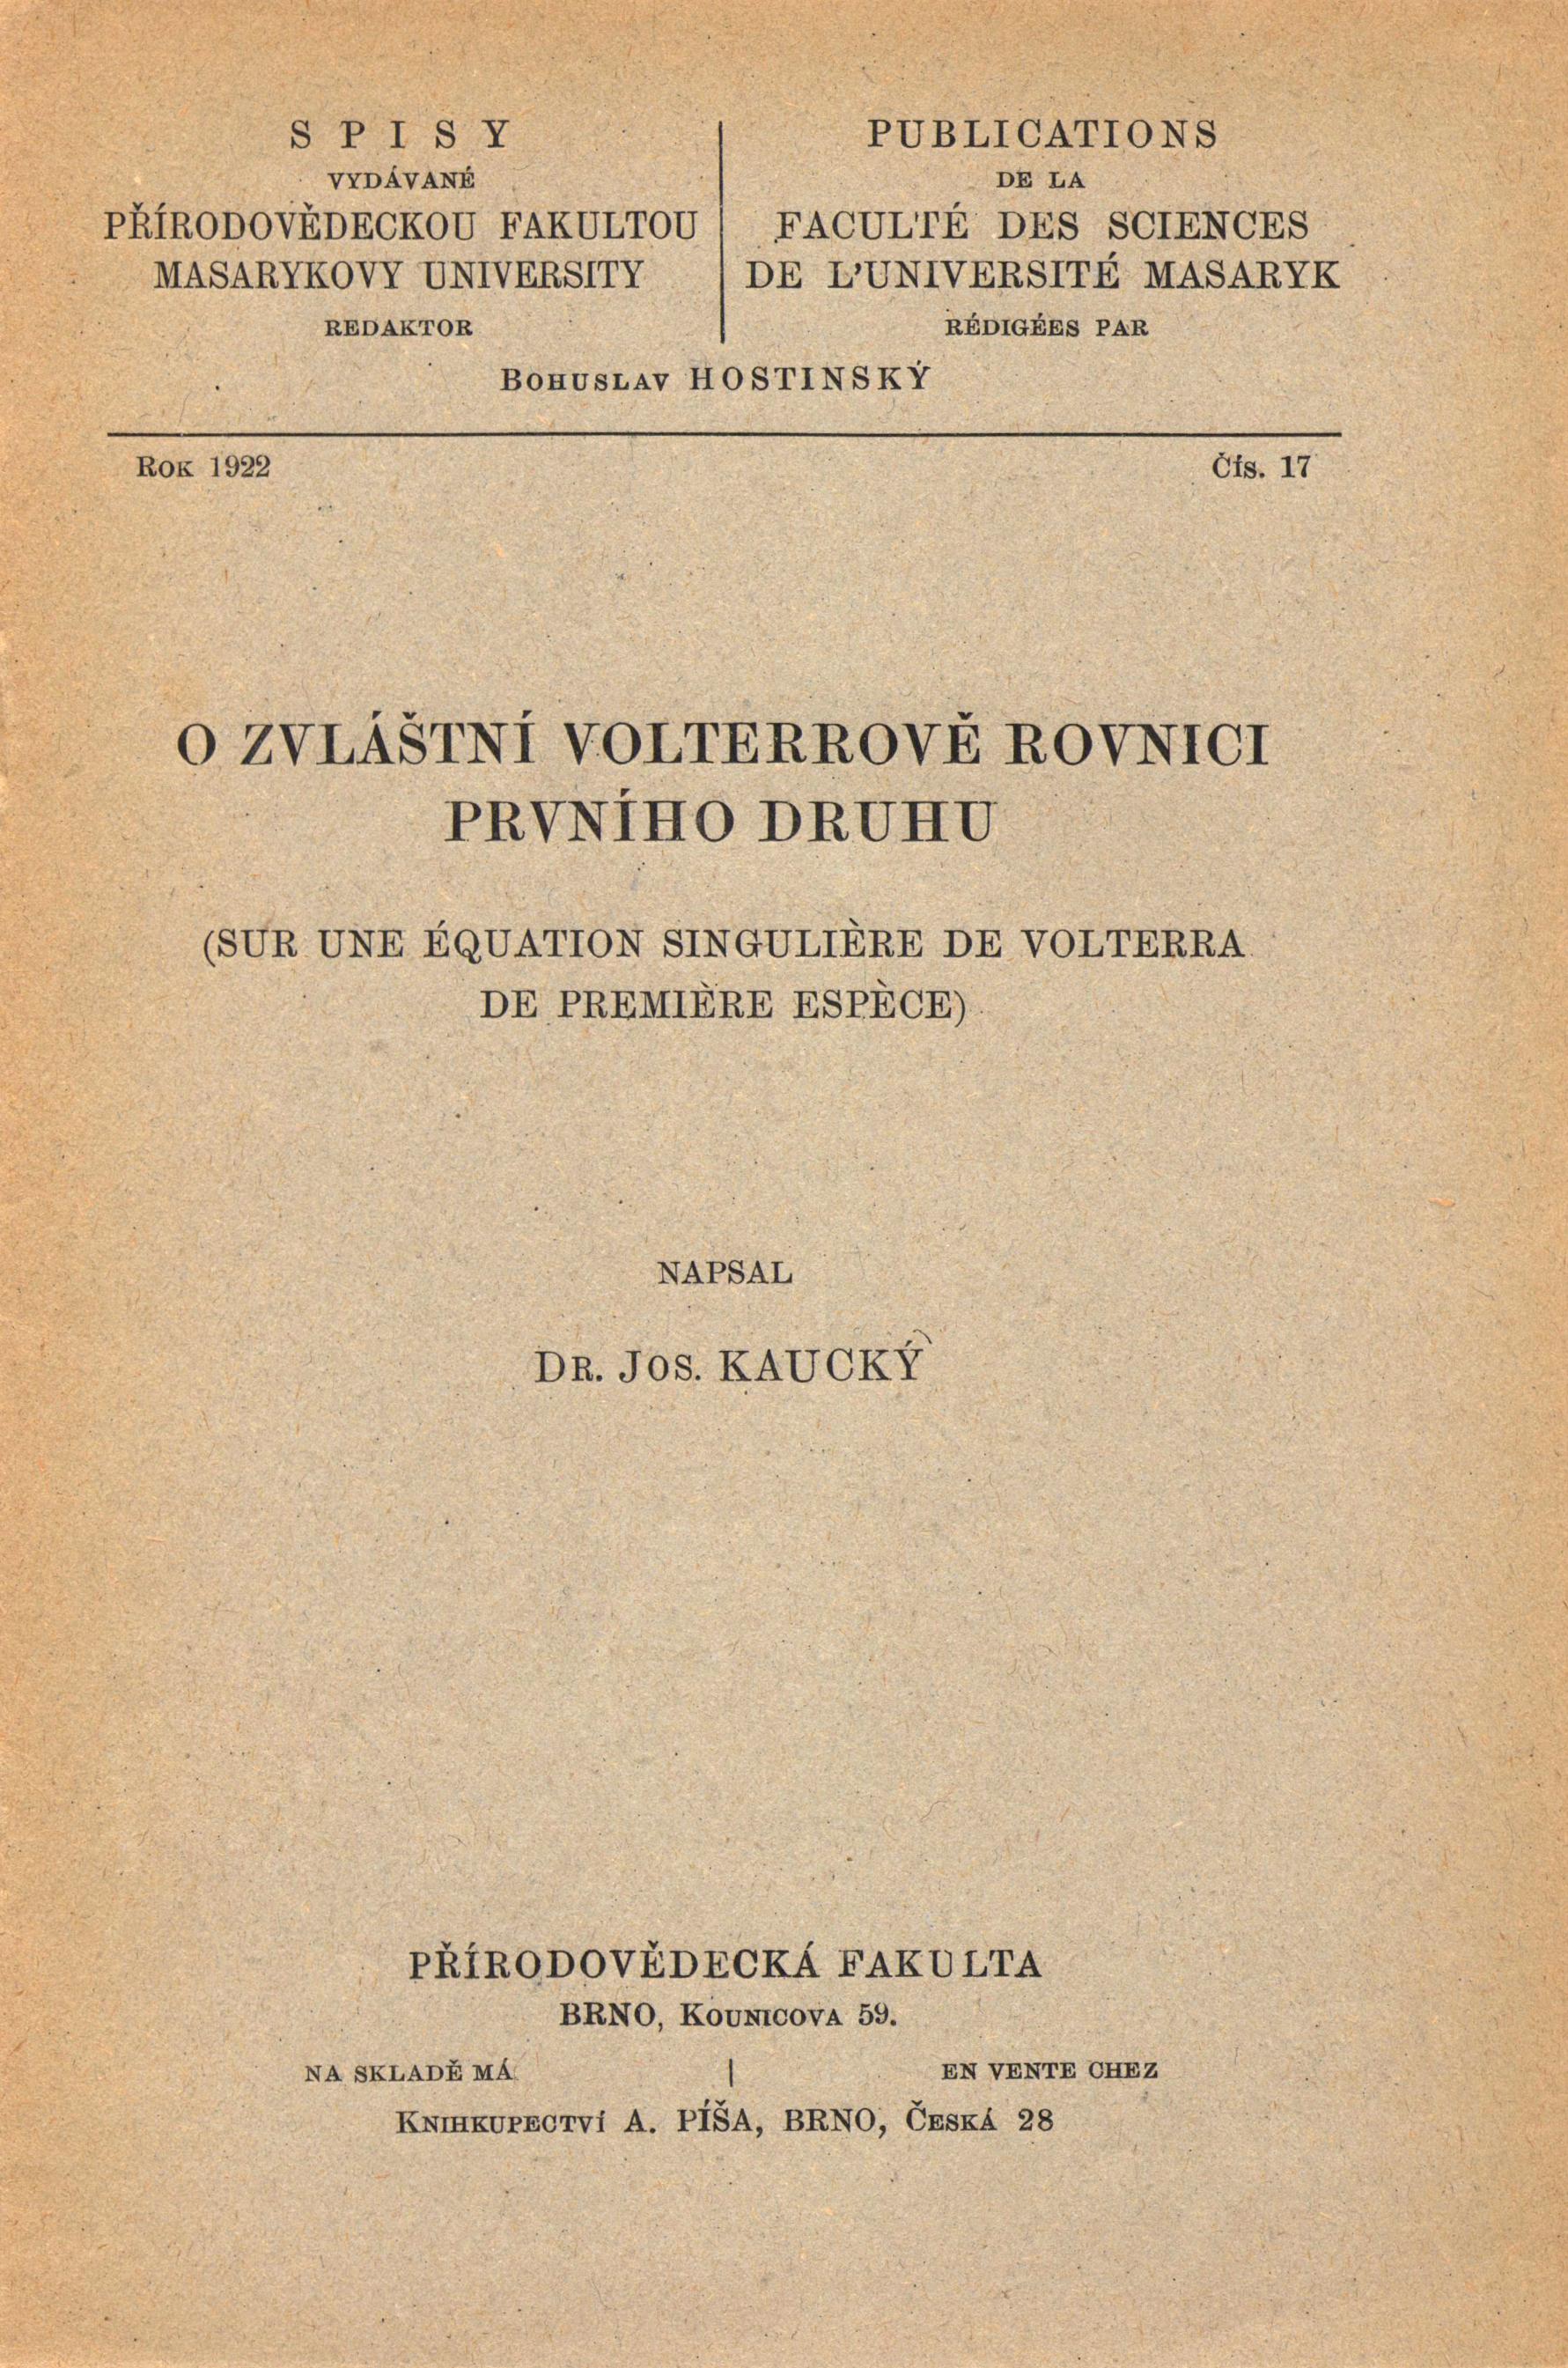 Obálka pro O zvláštní Volterrově rovnici prvníh druhu/Sur une équation singulière de volterra de première espèce